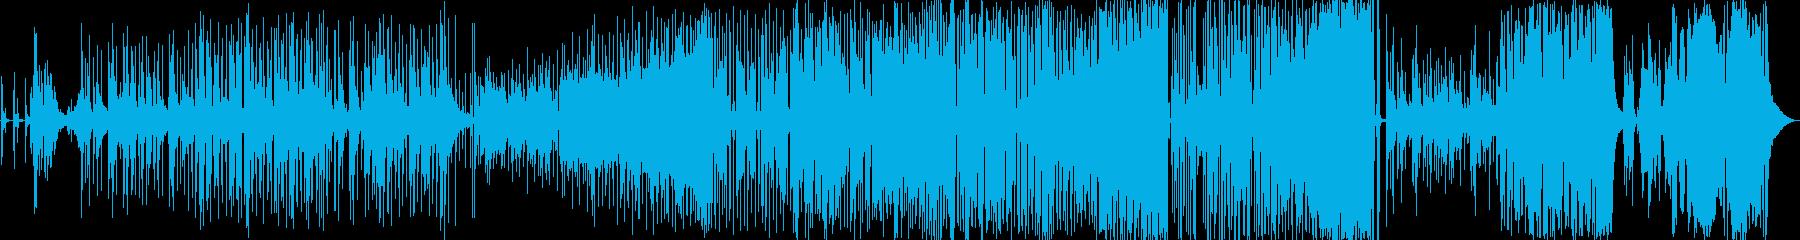 ピアノメインのゆったりとして爽やかな曲の再生済みの波形